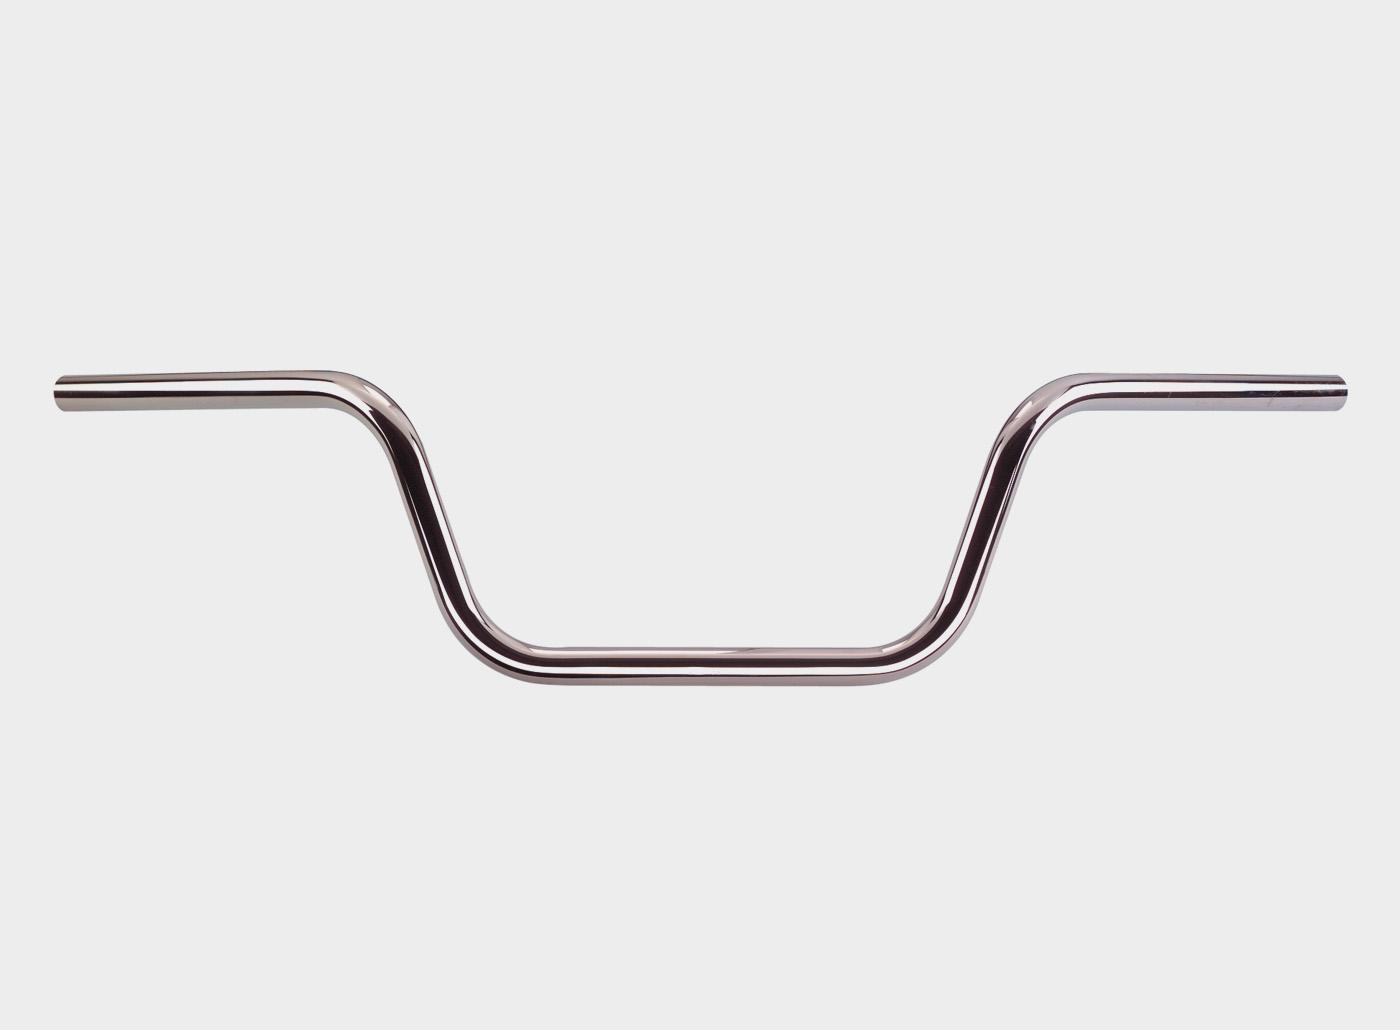 Apehanger-Lenker Medium 890 mm